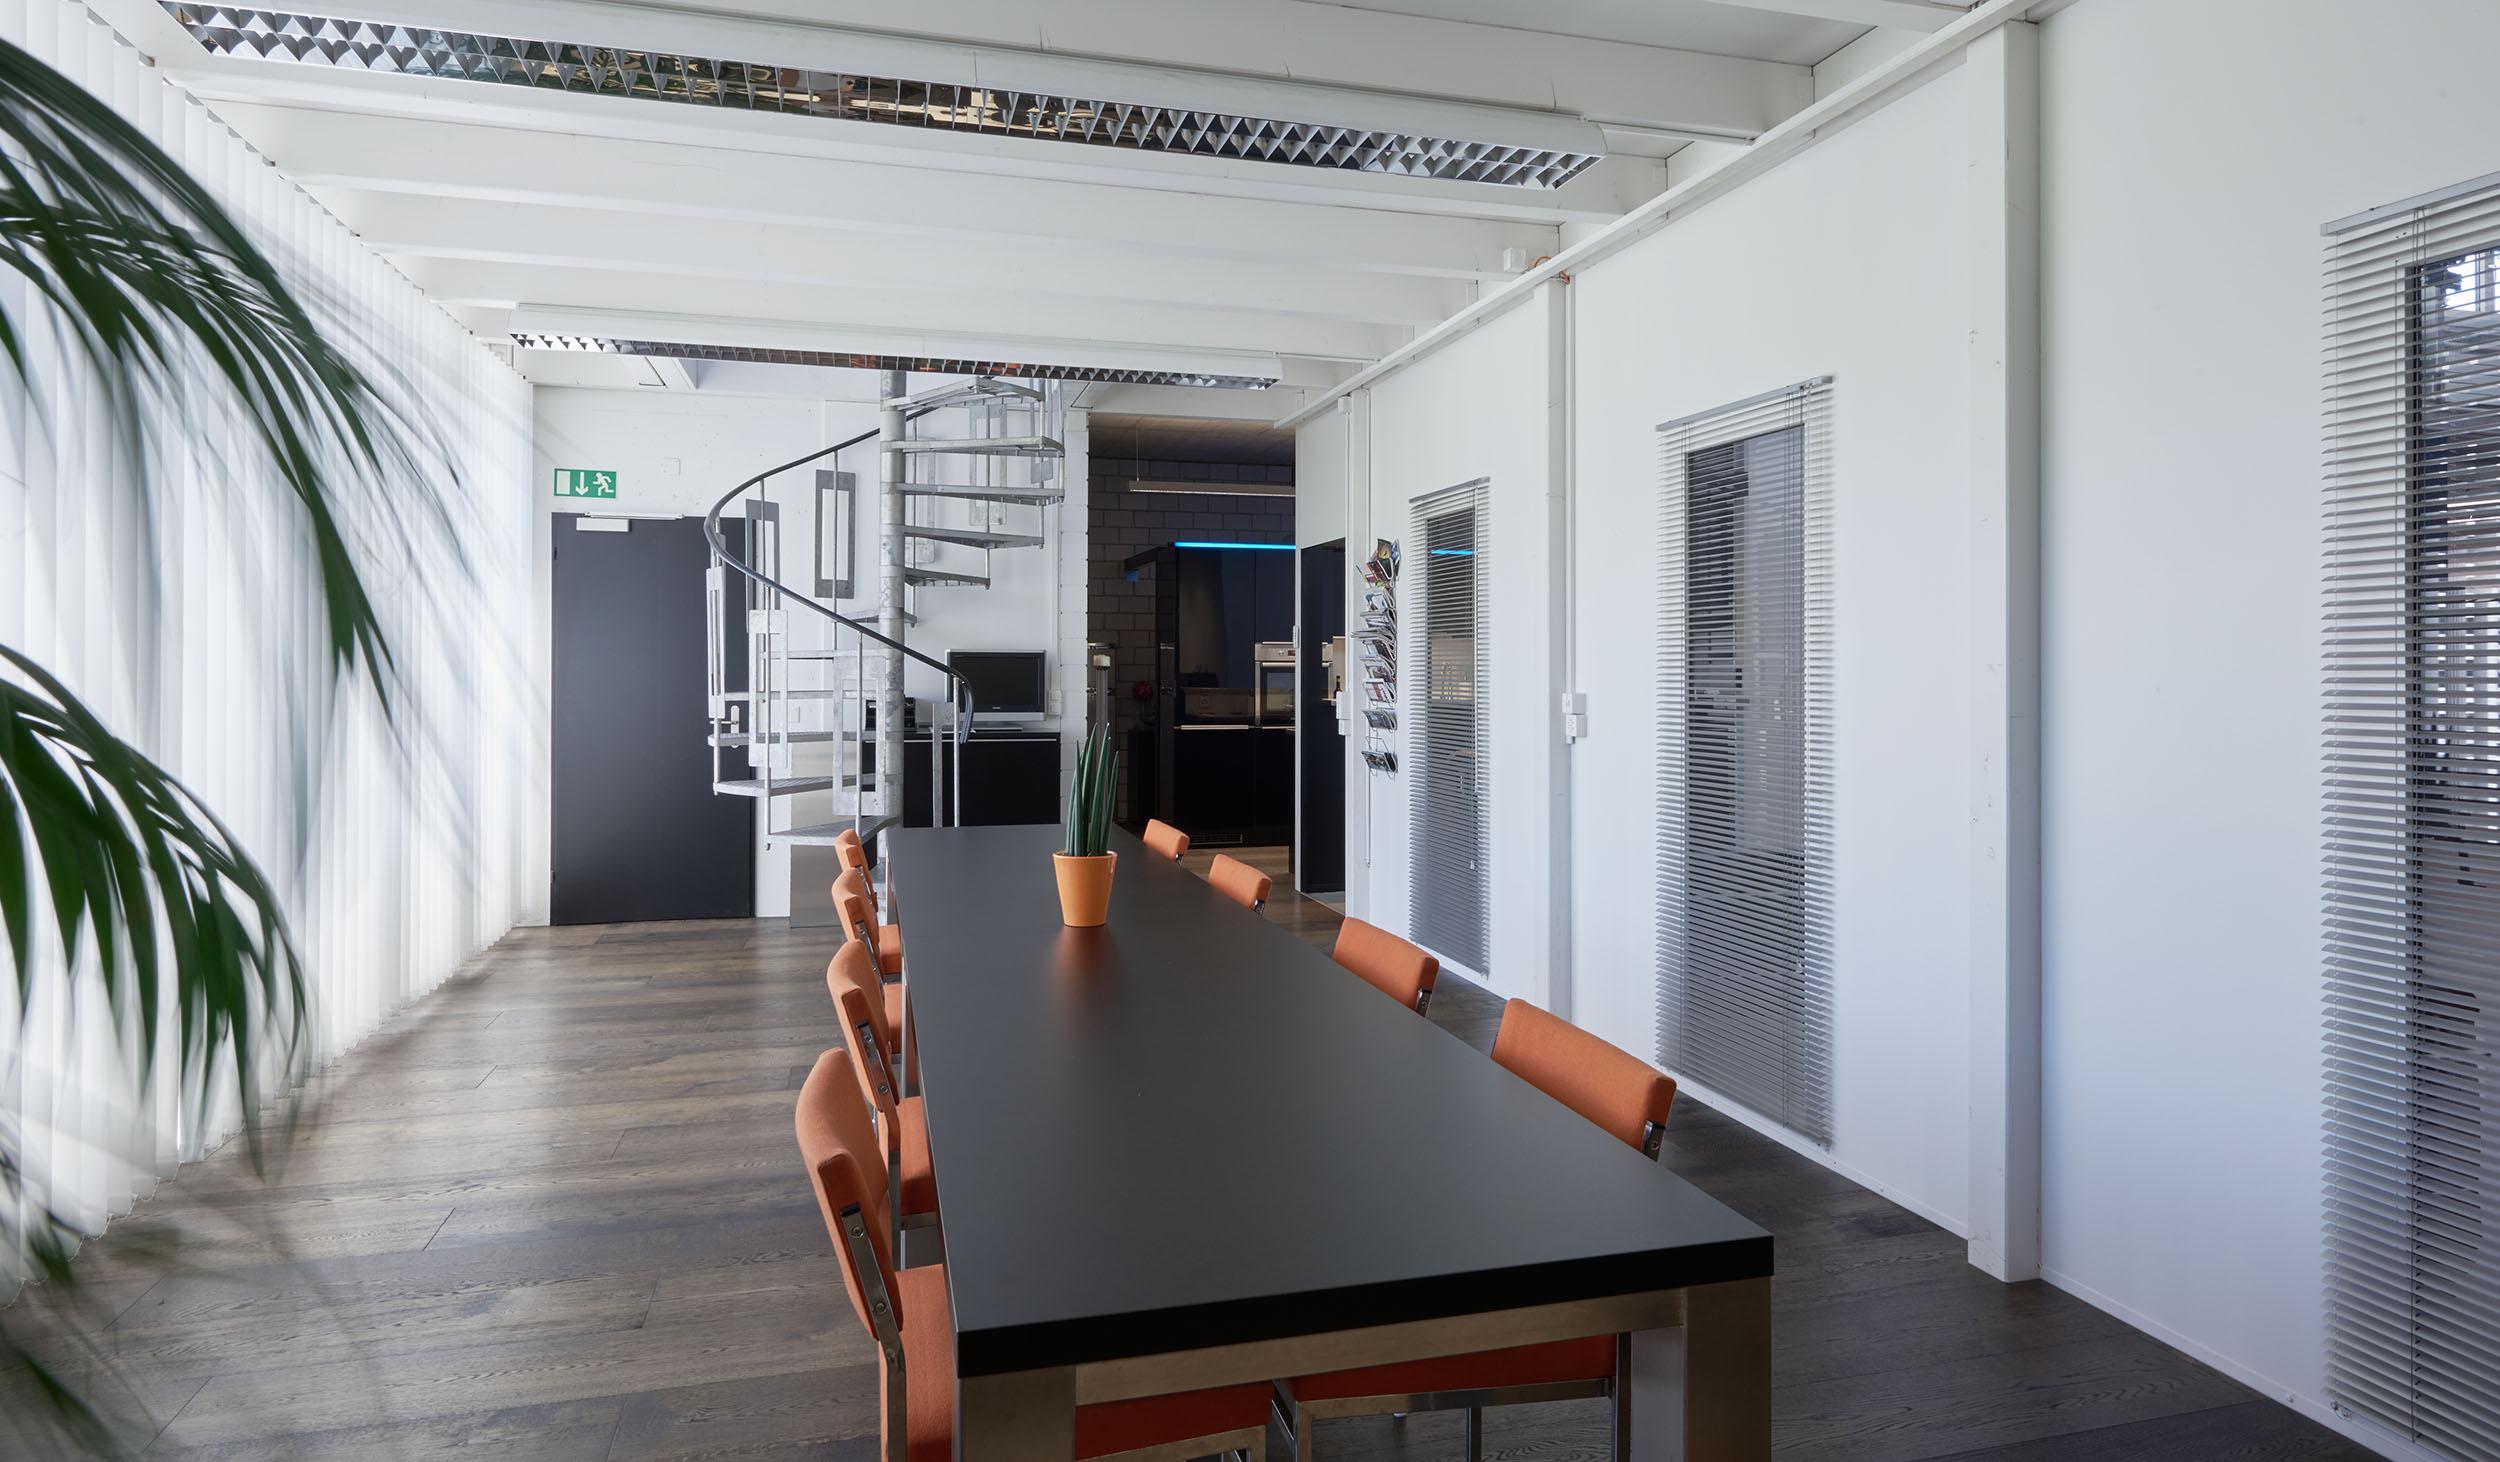 Fotostudio, Sitzungszimmer